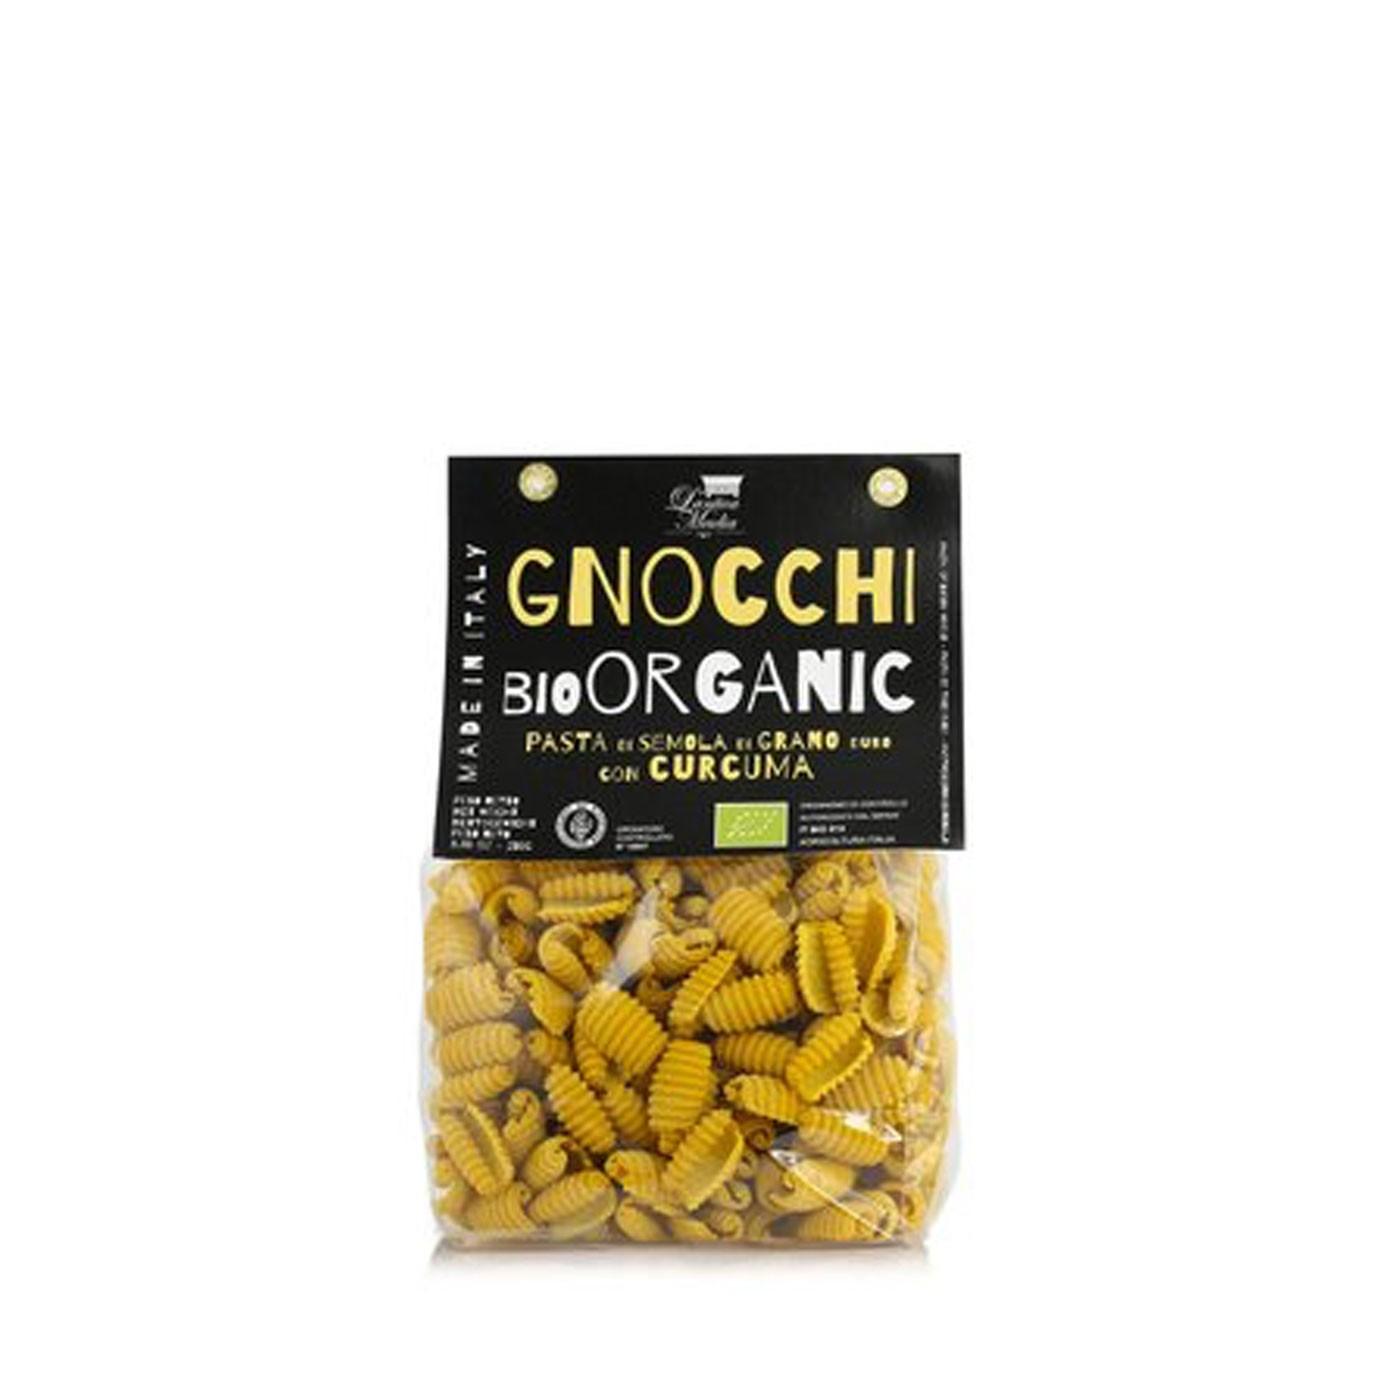 Organic Turmeric Gnocchi 8.8 oz